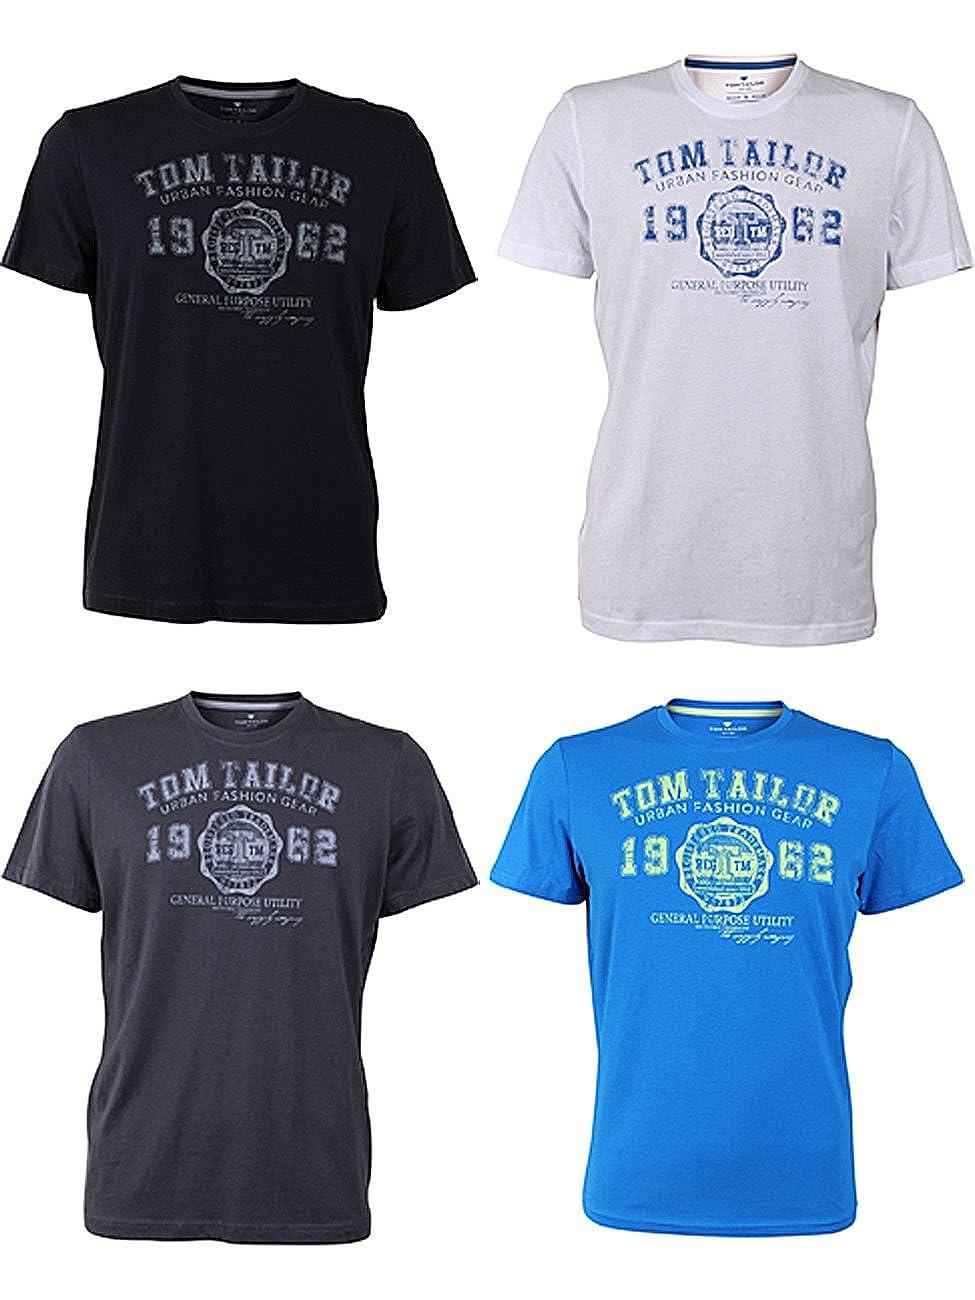 TOM TAILOR Herren Rundhals T-Shirt Logo Tee Basic - - - 4er Pack B0792R9SGF T-Shirts Wirtschaft acaba6